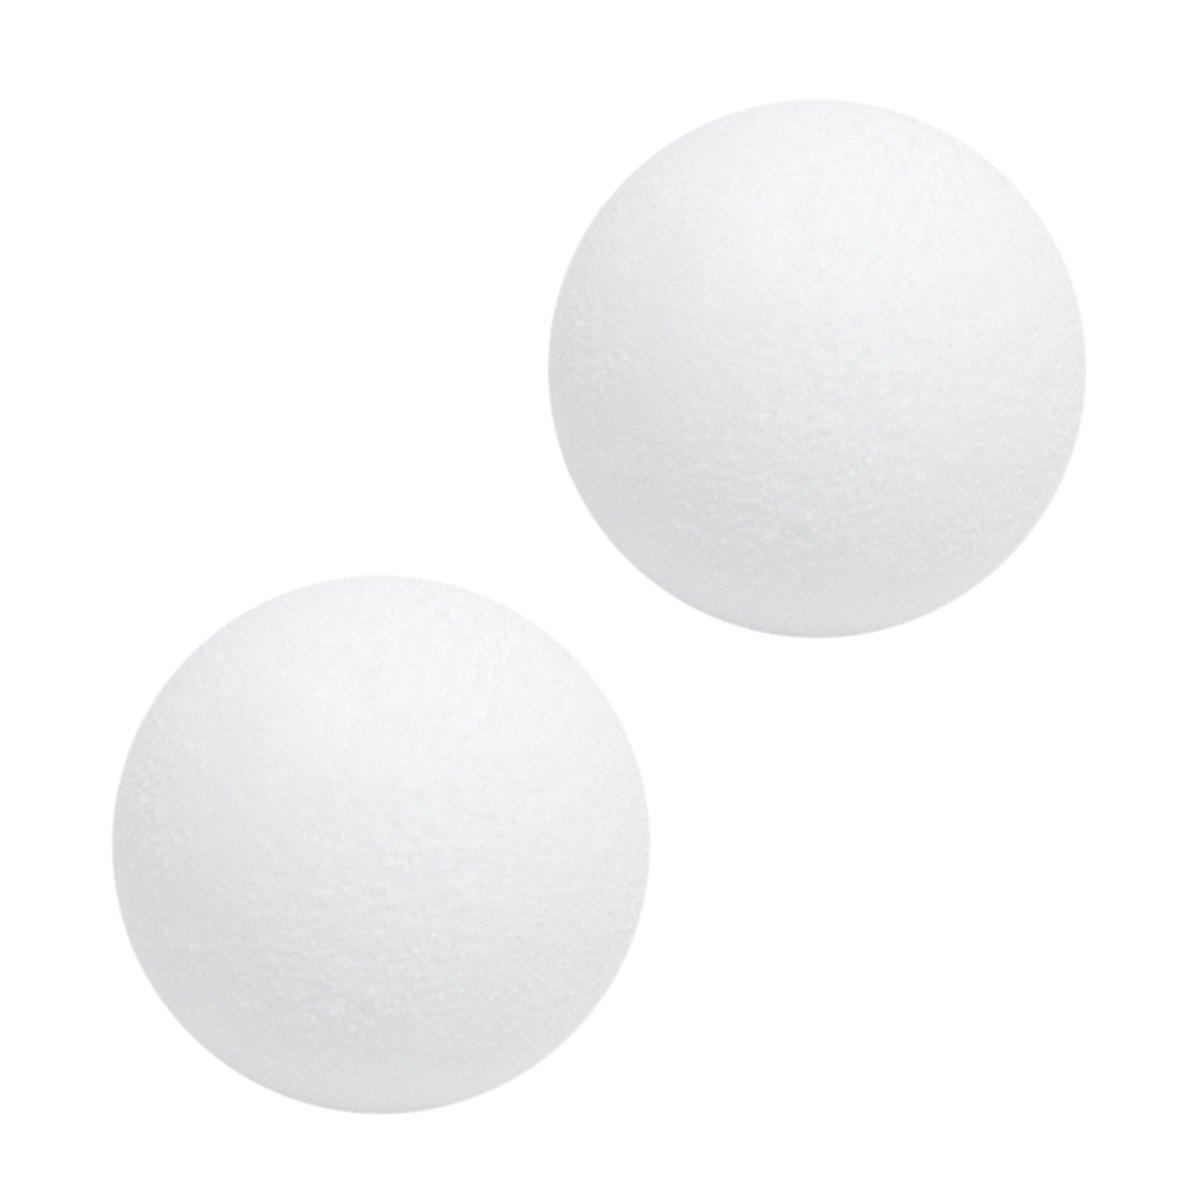 Eyepower Pelotas de Futbolín Ø 36 mm 21 g | Conjunto de 2 Bolas de Repuesto | Bola de plástico Duro áspero Antideslizante | Blanco: Amazon.es: Deportes y ...